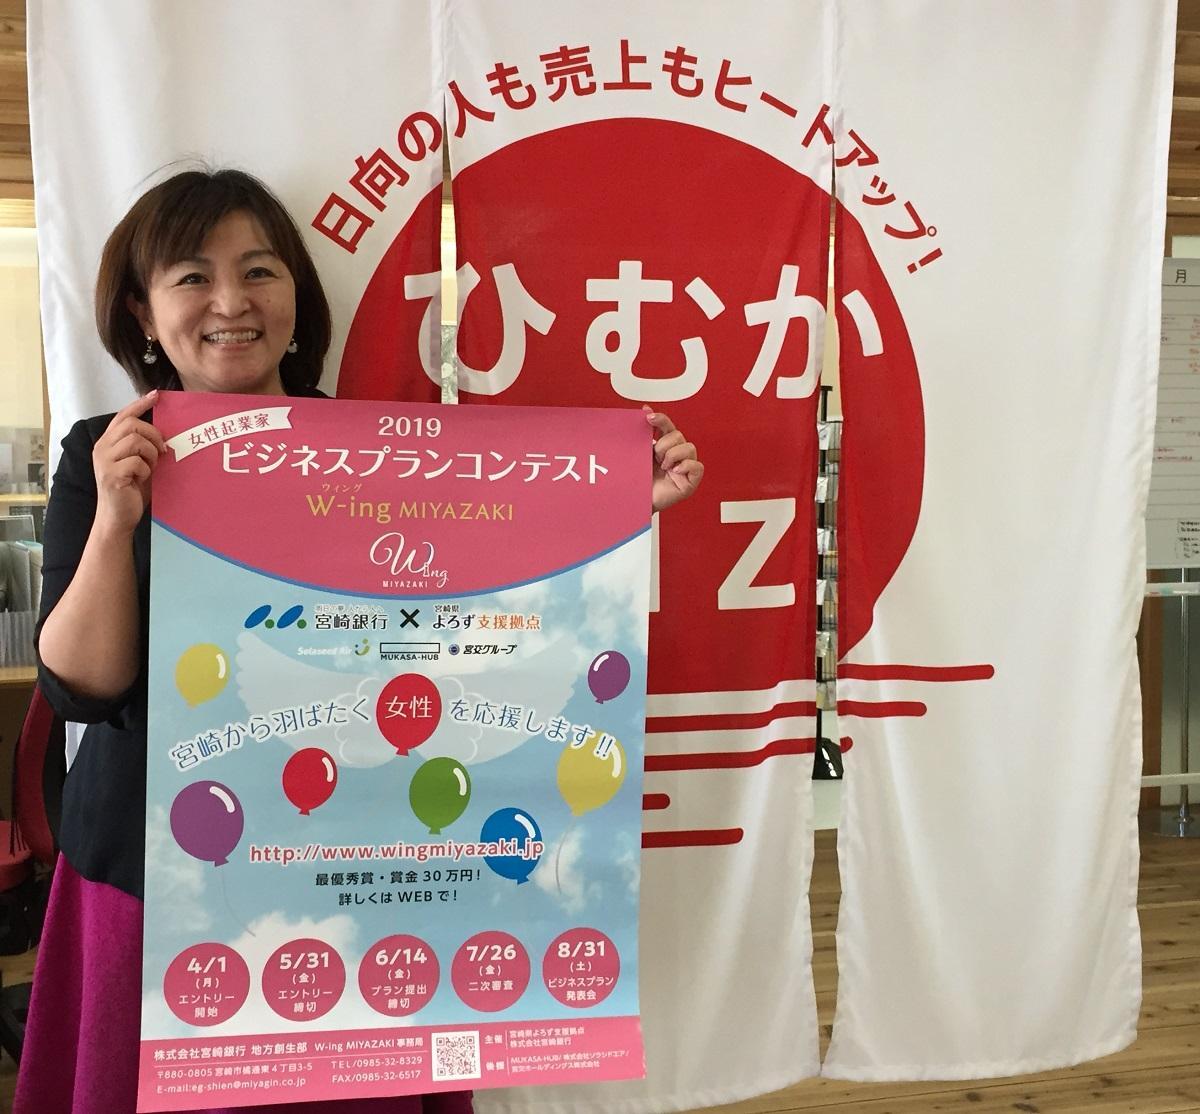 当日、進行を務める「宮崎県よろず支援拠点」の柳本明子さん